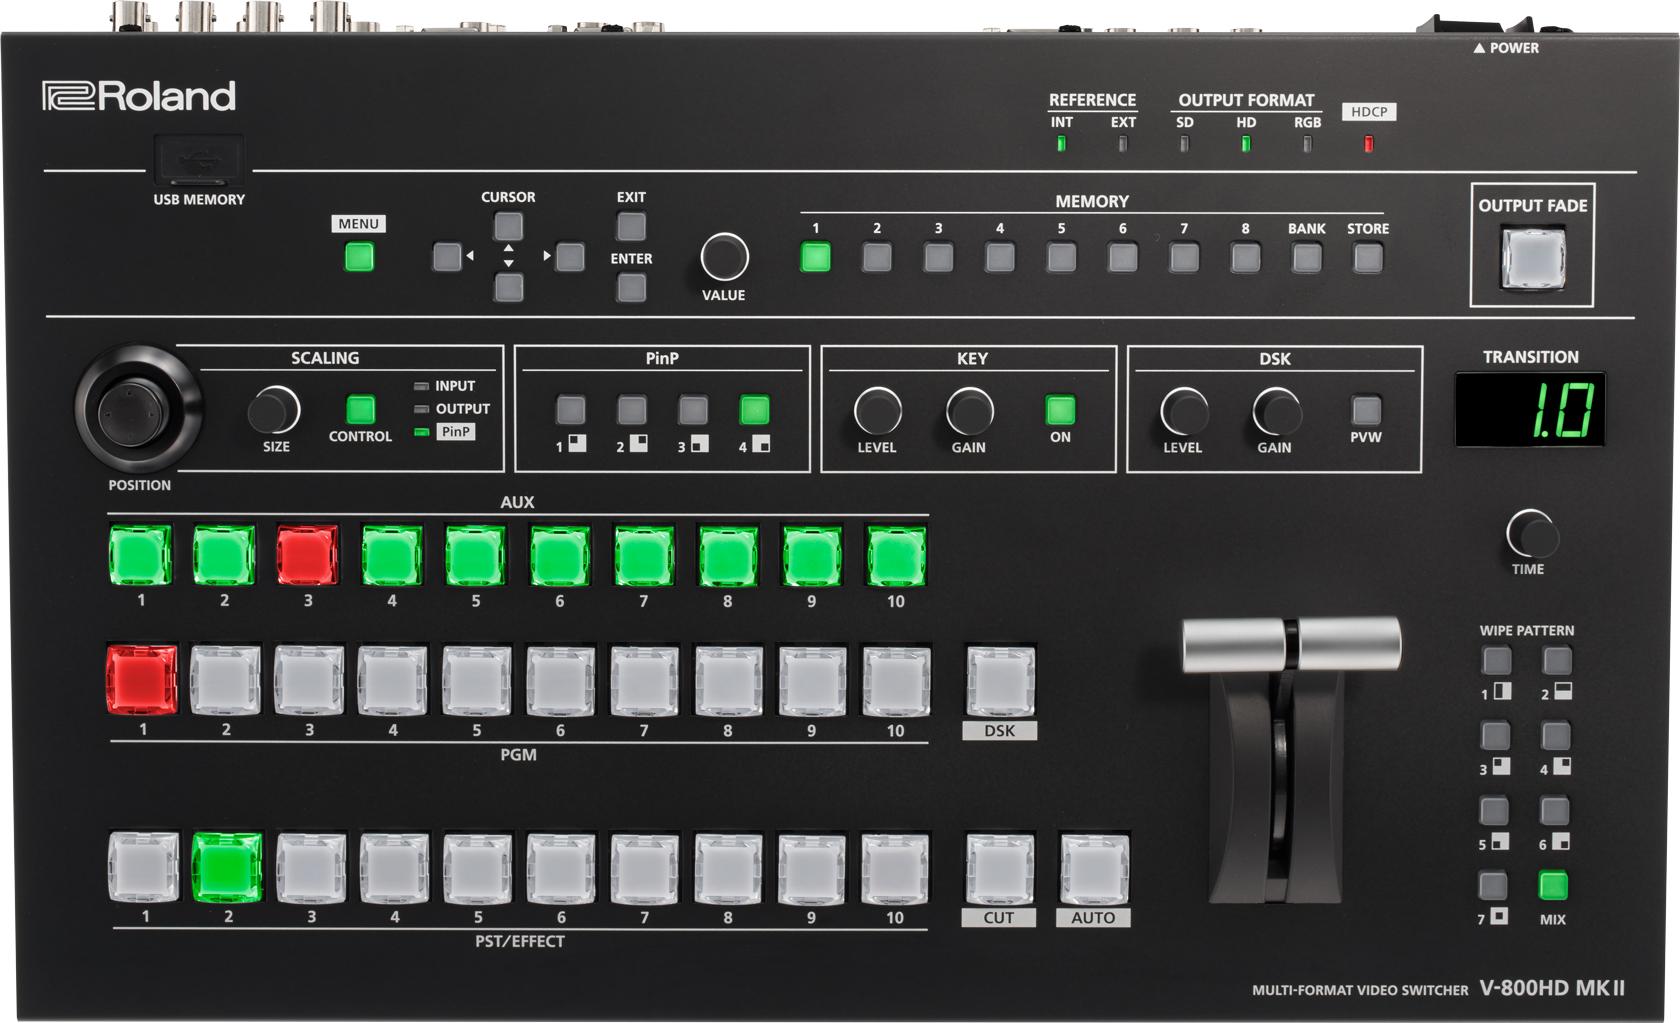 Afbeelding van Roland V-800HD MKII videomixer met 16 inputs FULL HD 3G